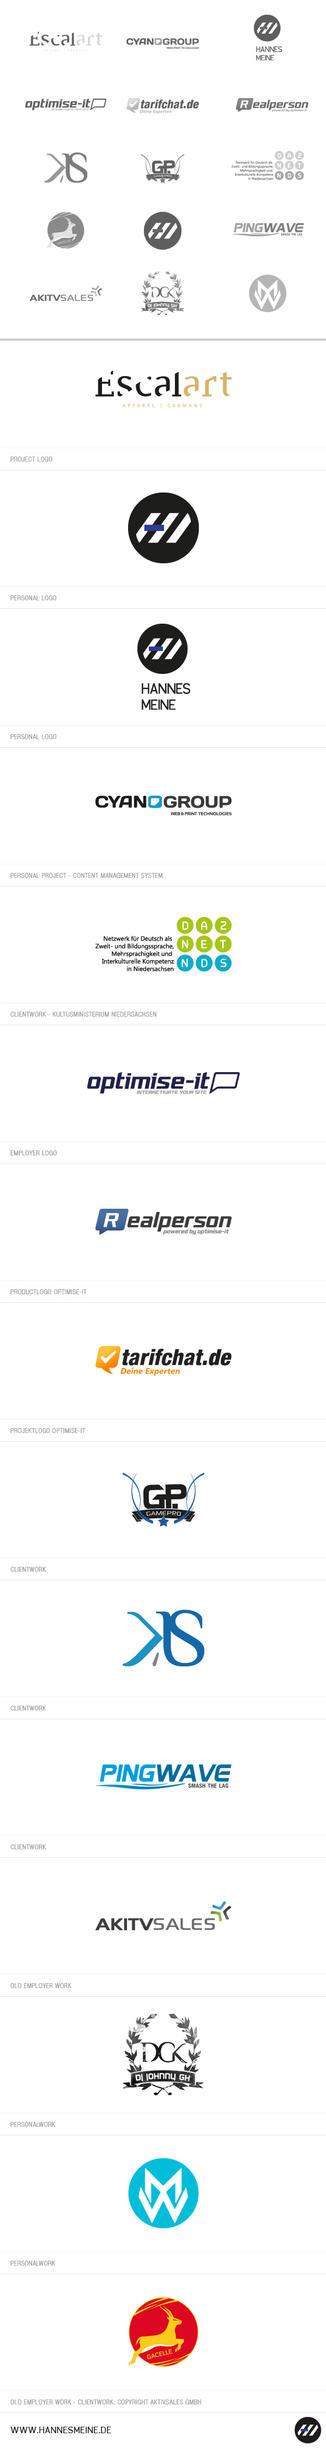 Logos 2009-2011 by hNsM